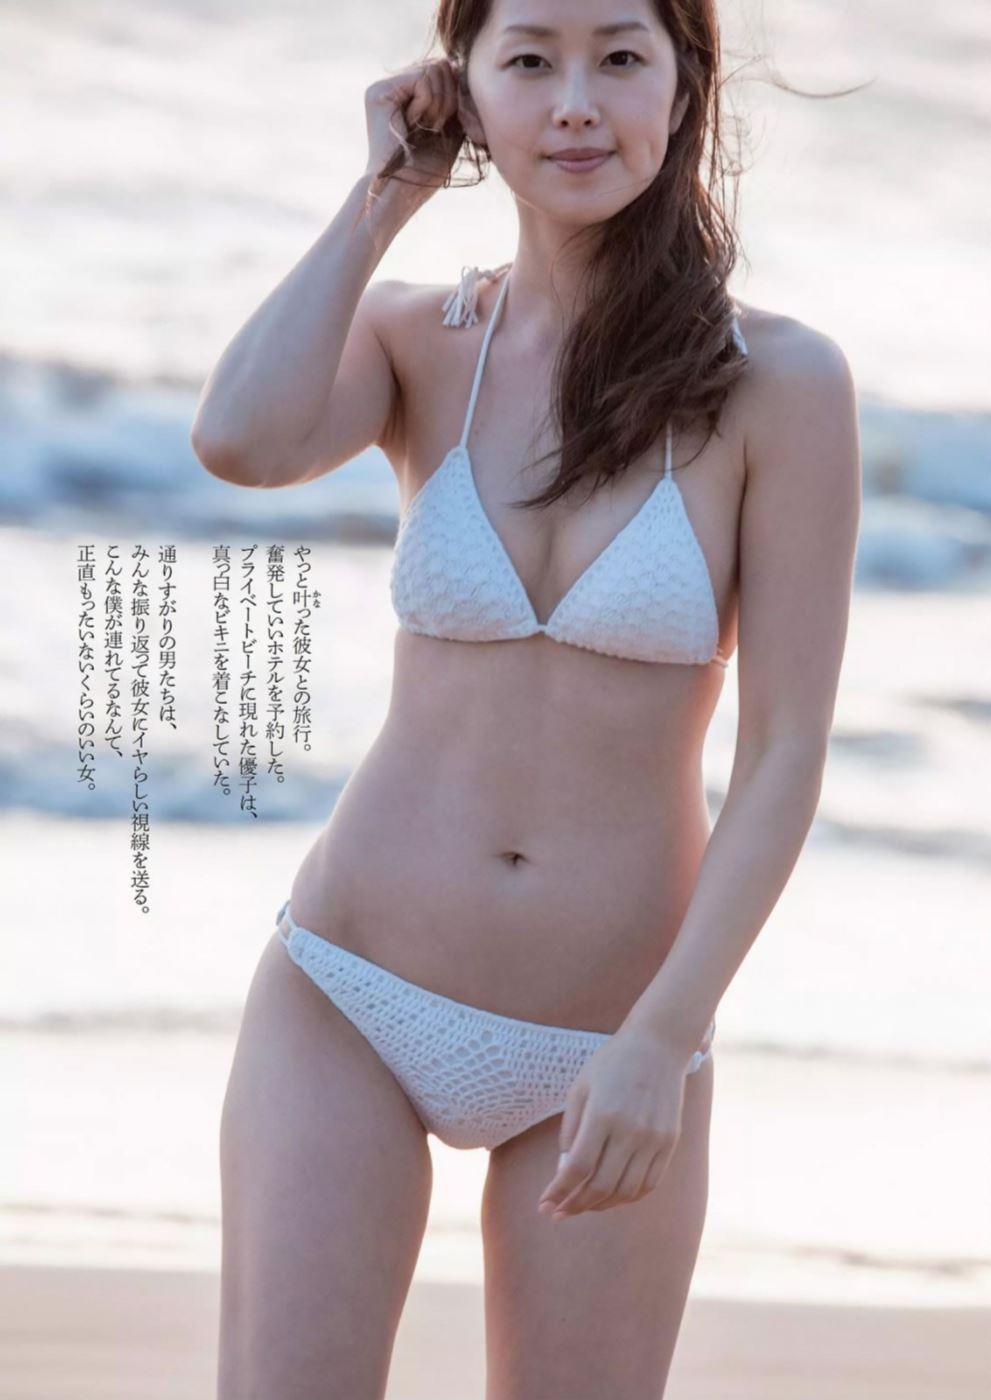 笛木優子(ユミン)画像 79